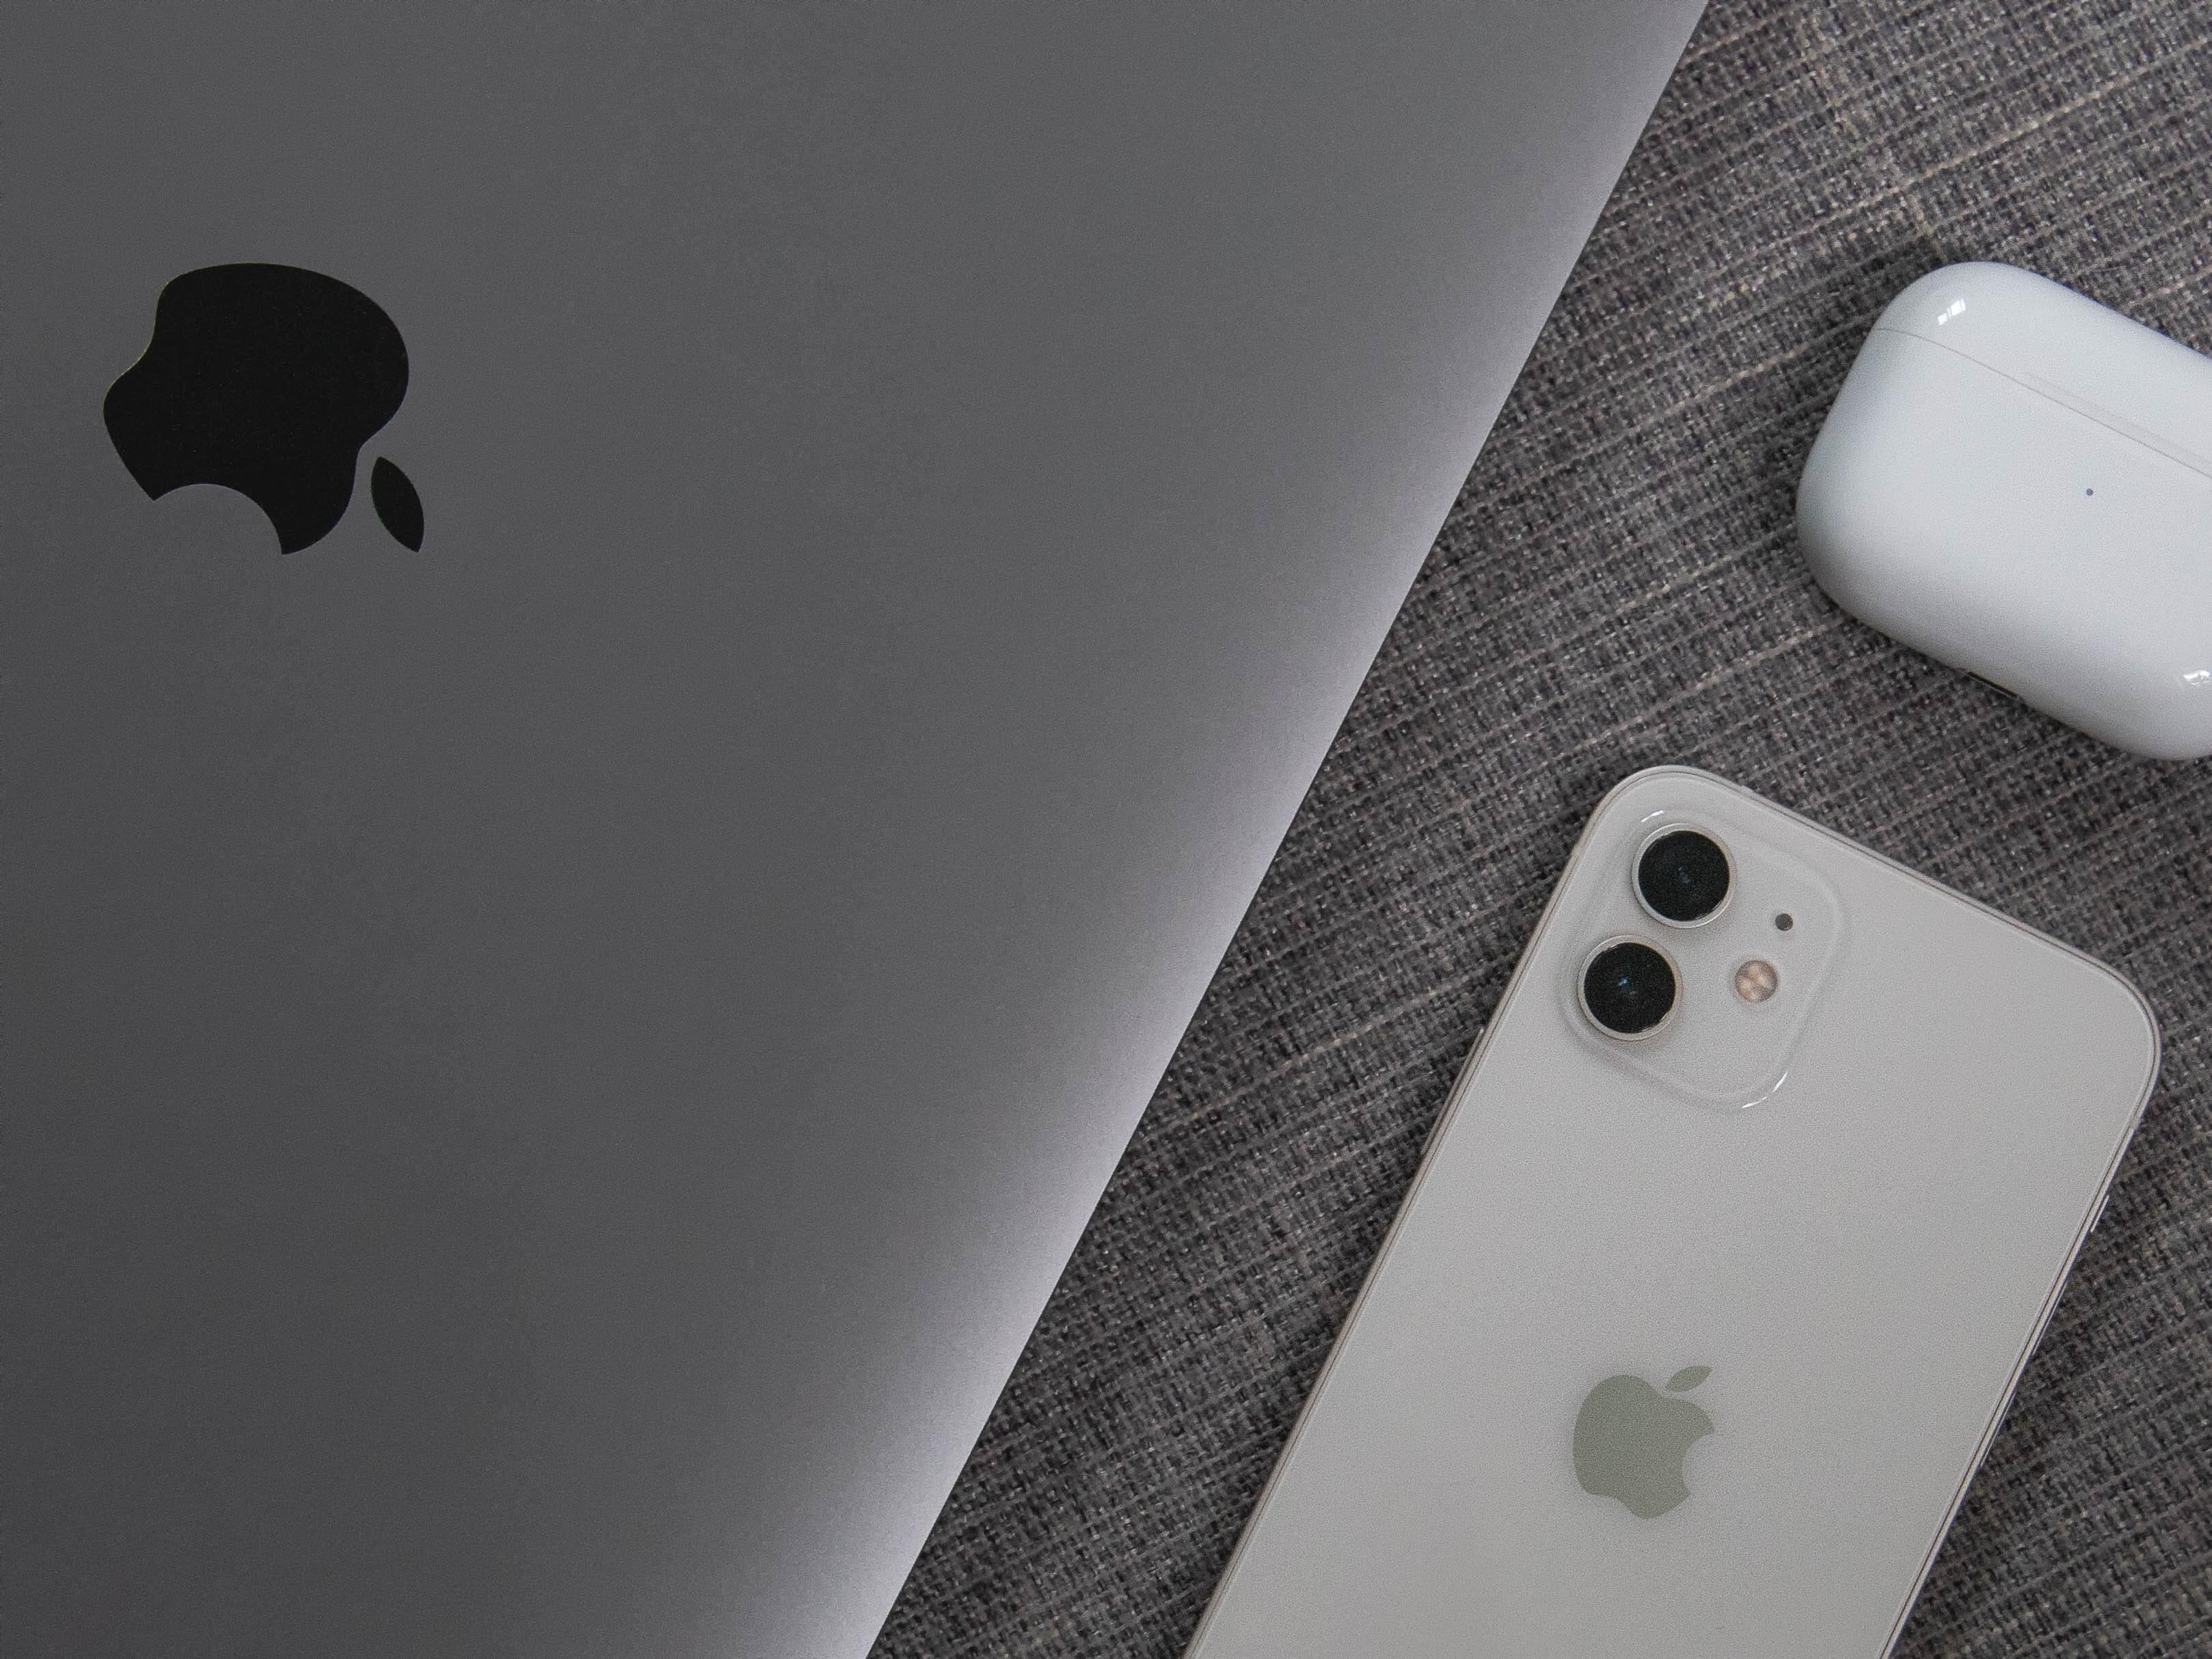 Определён самый популярный аксессуар Apple среди россиян